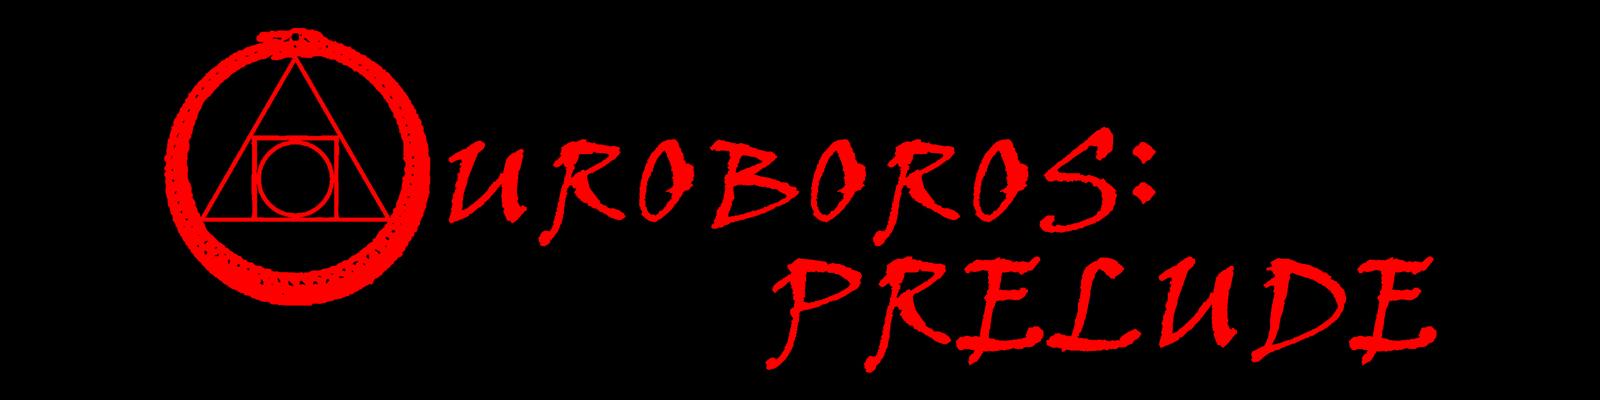 Ouroboros: Prelude